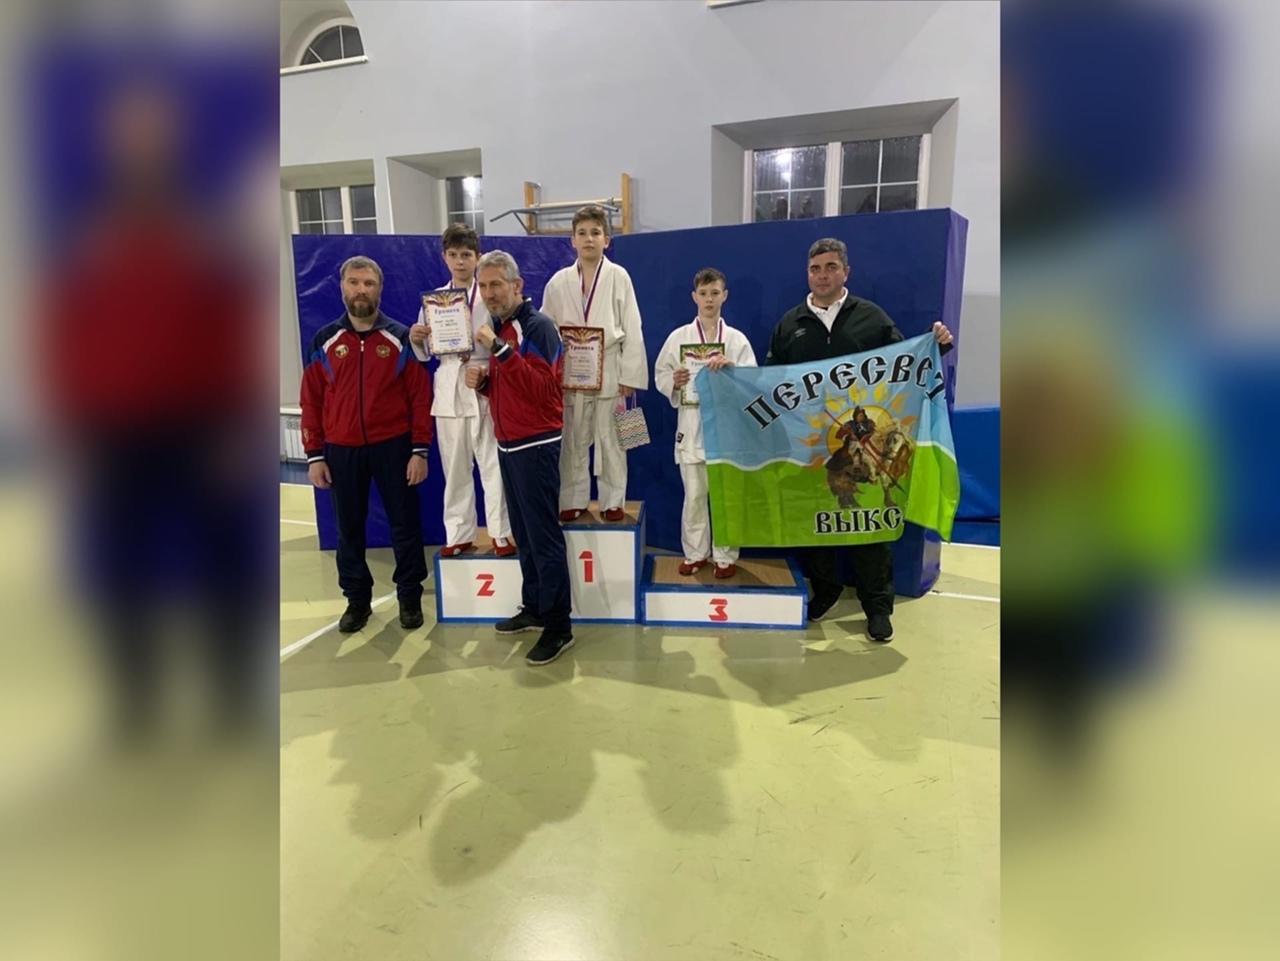 Выксунцы взяли «золото» и «бронзу» на турнире по АРБ